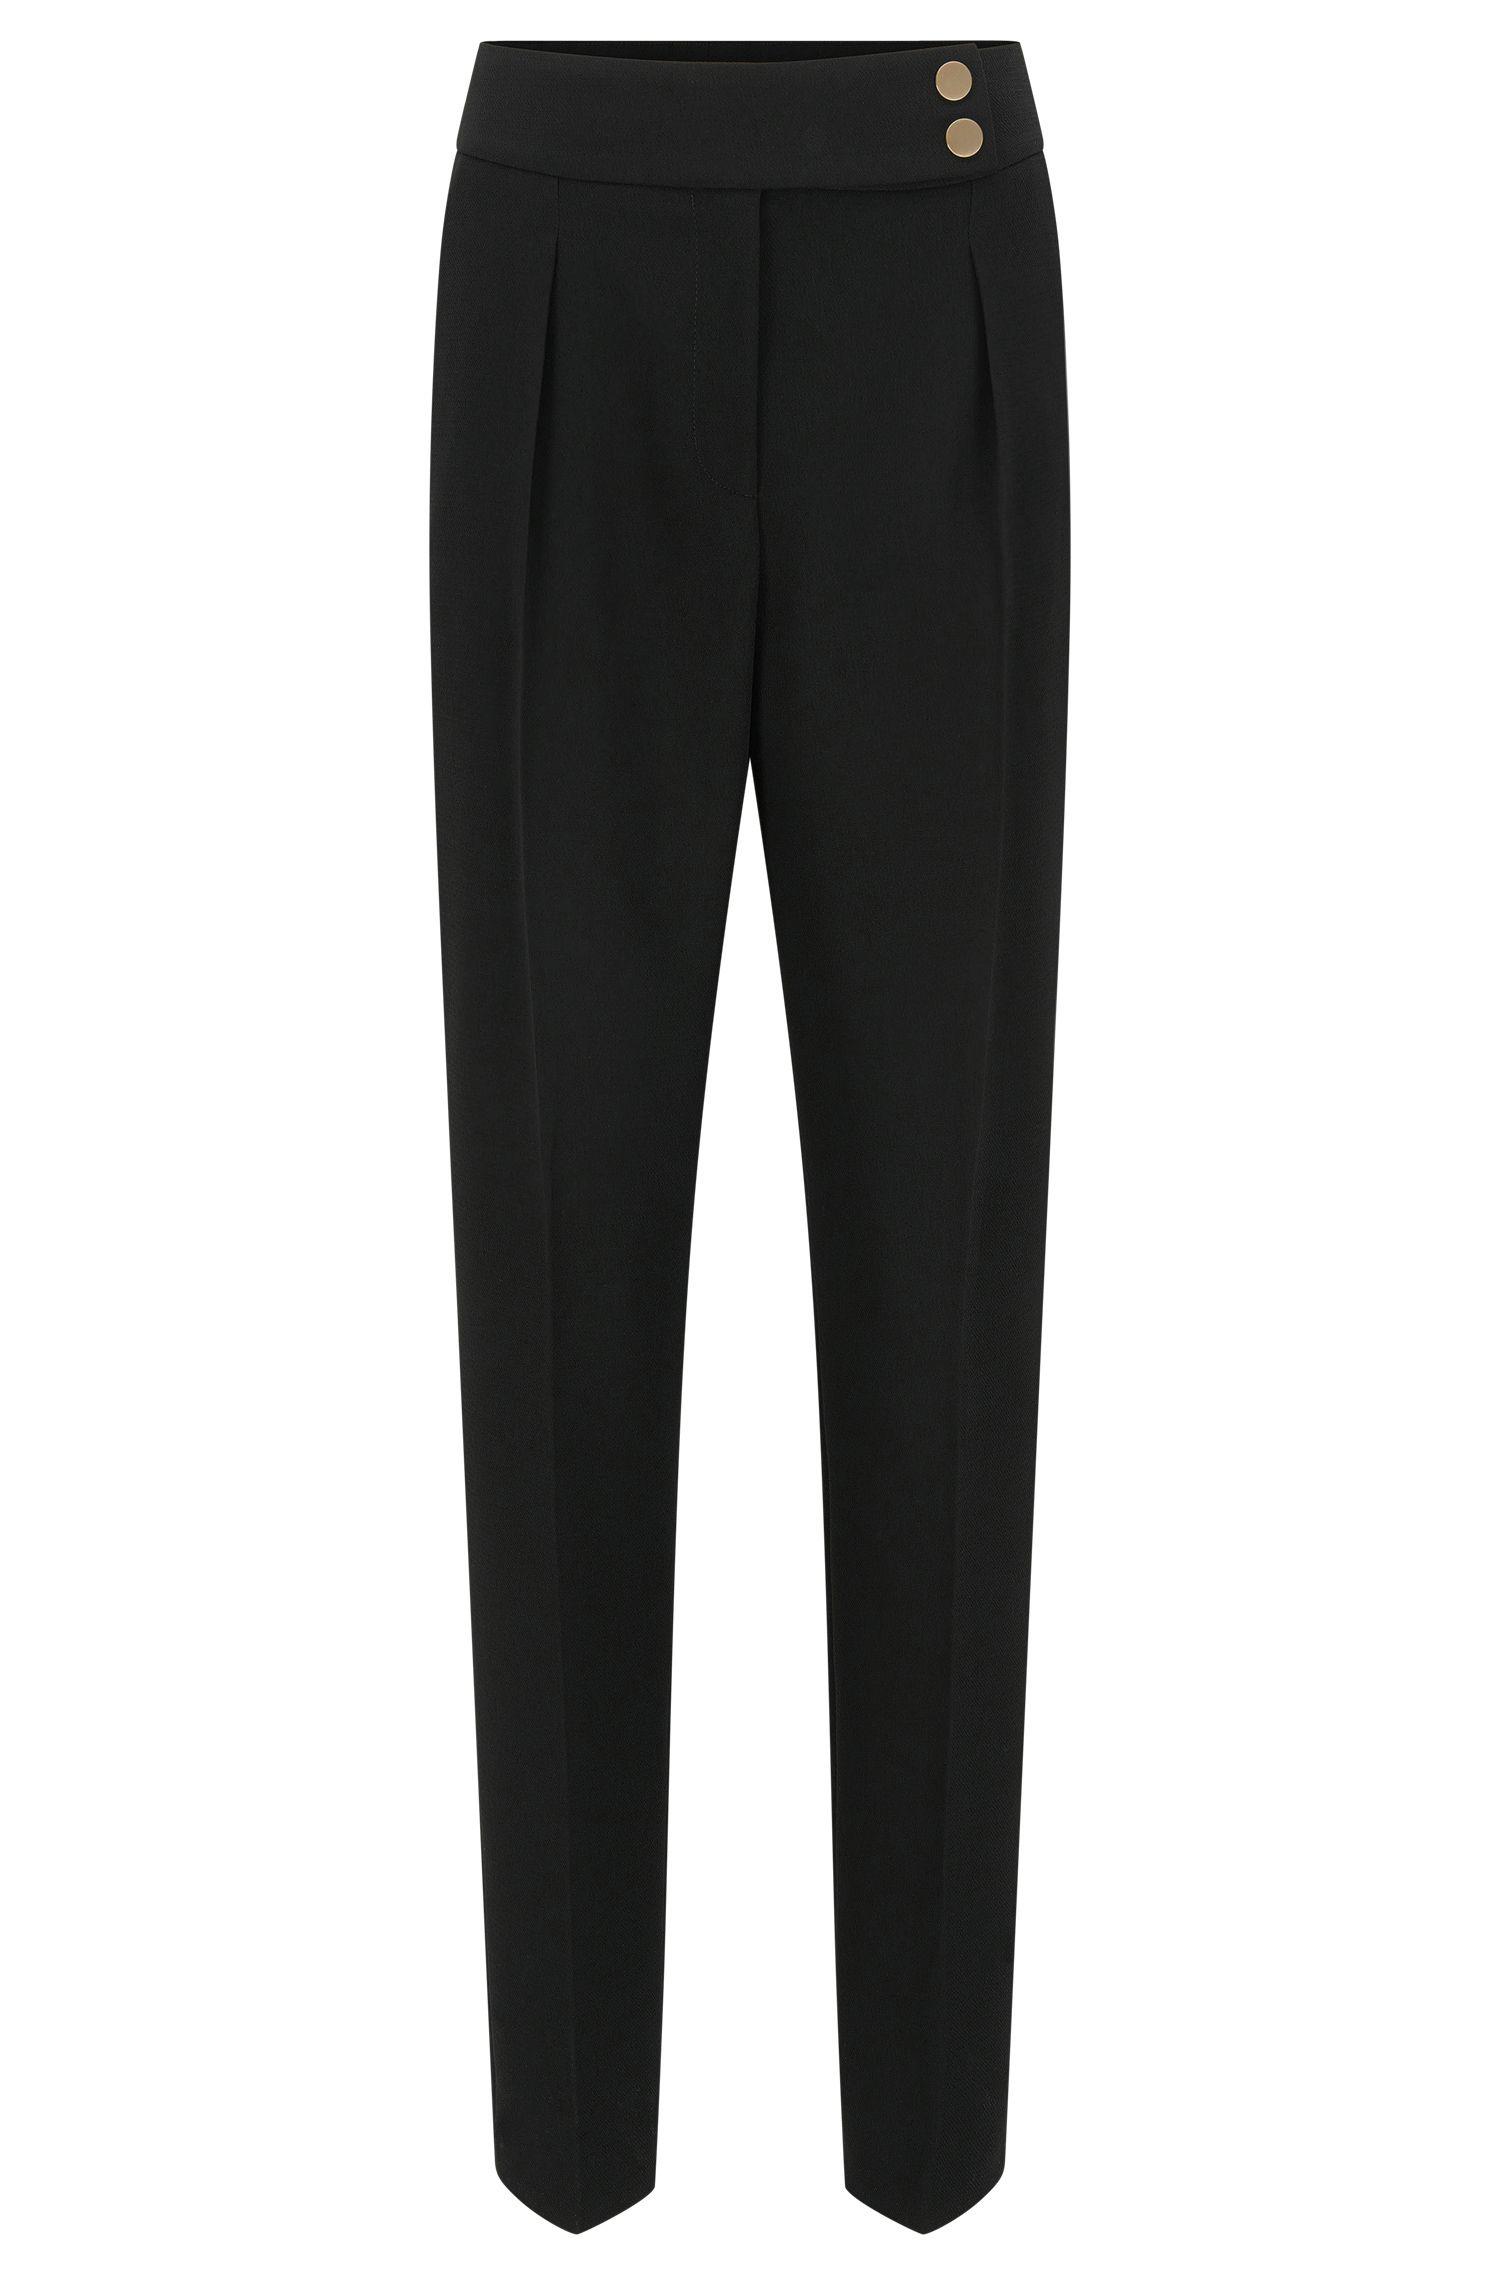 Pantaloni a vita alta in crêpe leggero